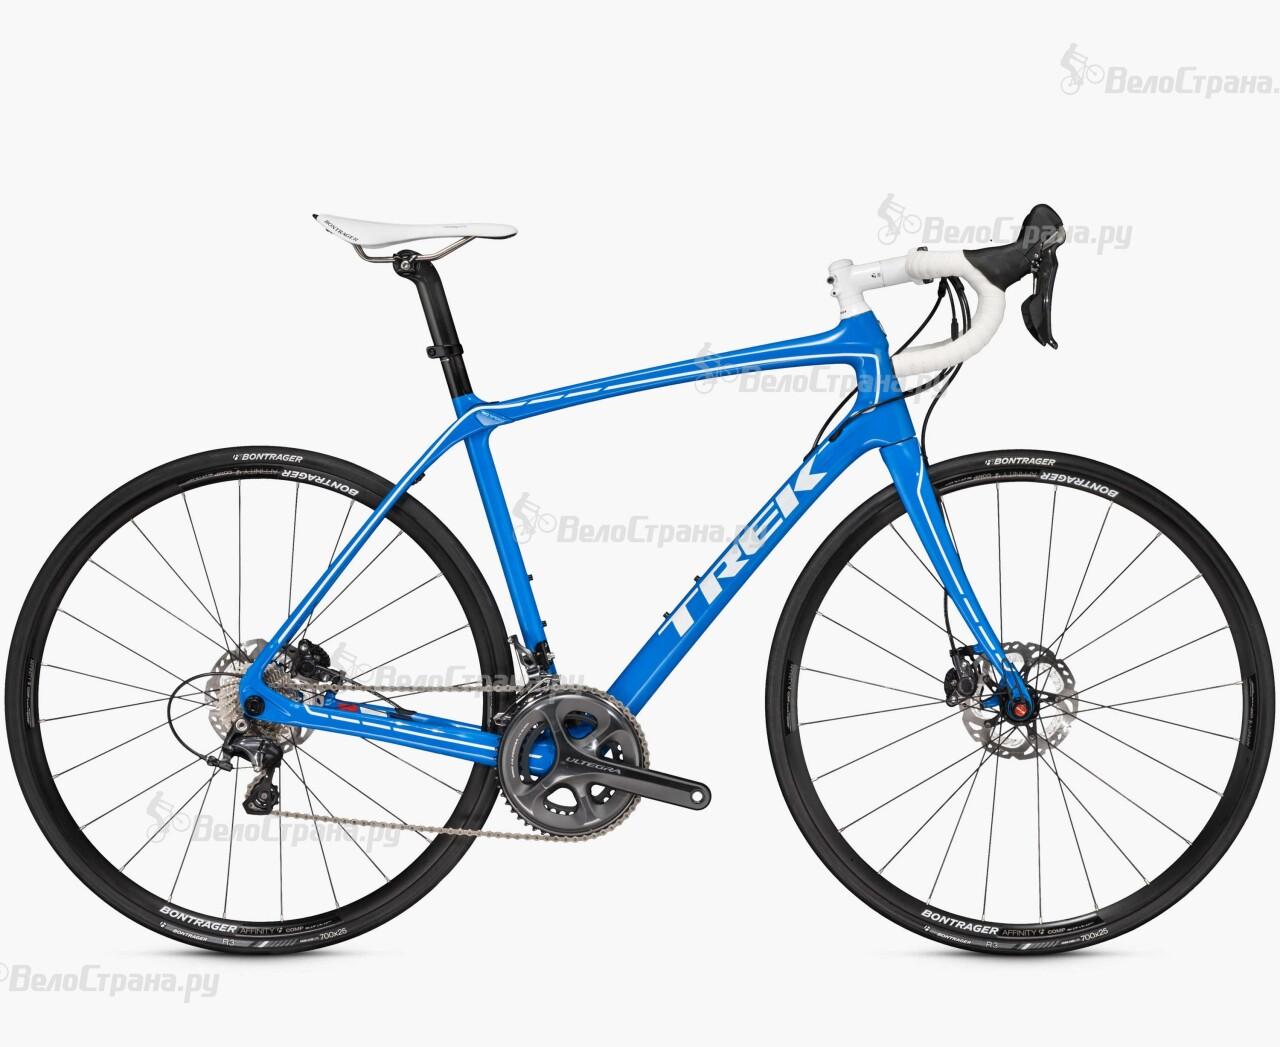 Велосипед Trek Domane 6.2 Disc (2016) велосипед trek domane alr 4 disc 2017